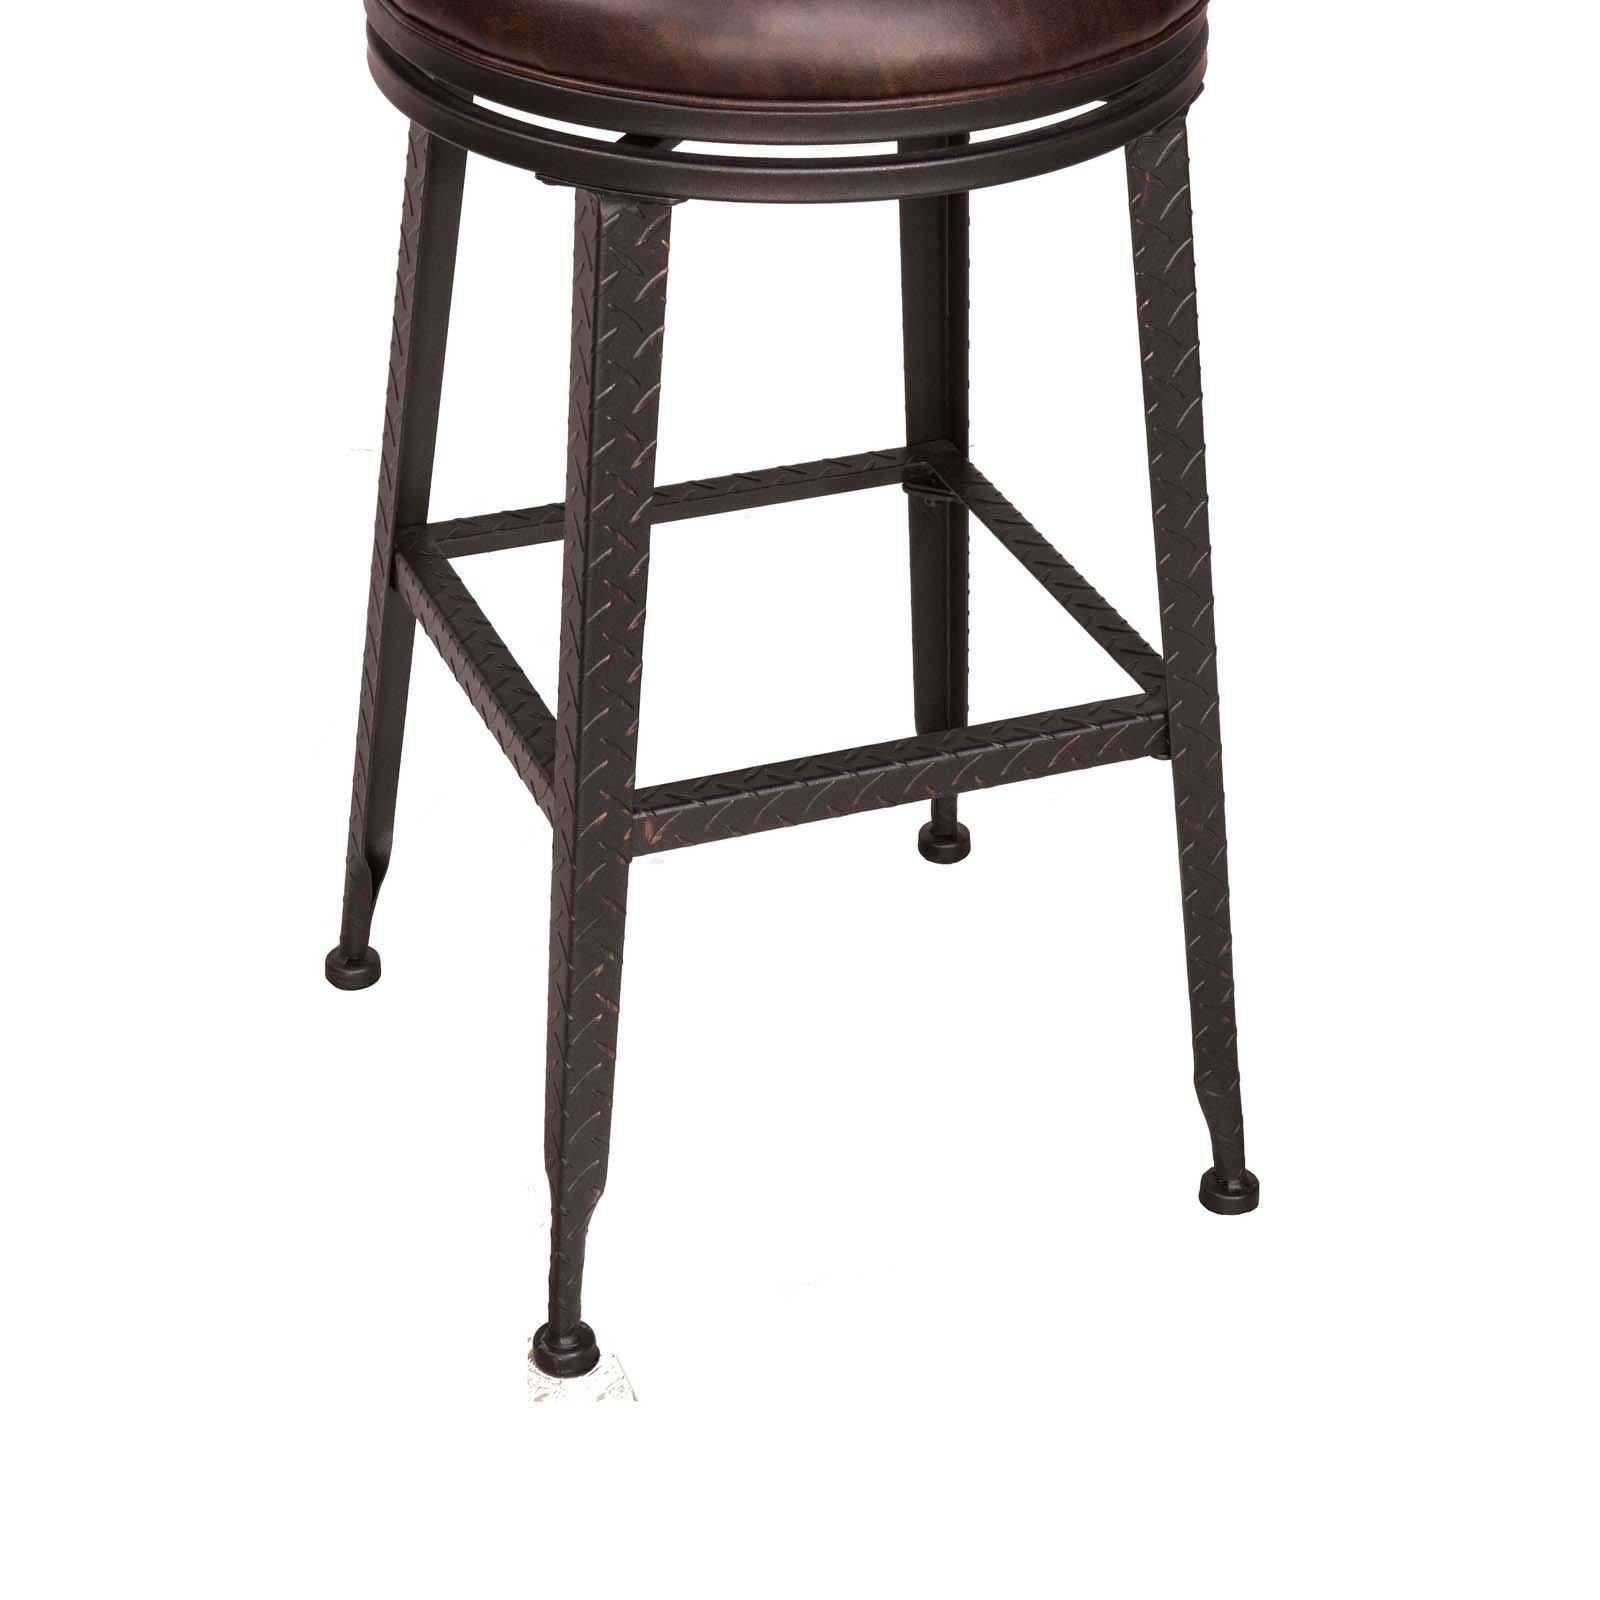 Super Hillsdale Hale Backless Swivel Bar Stool Short Links Chair Design For Home Short Linksinfo